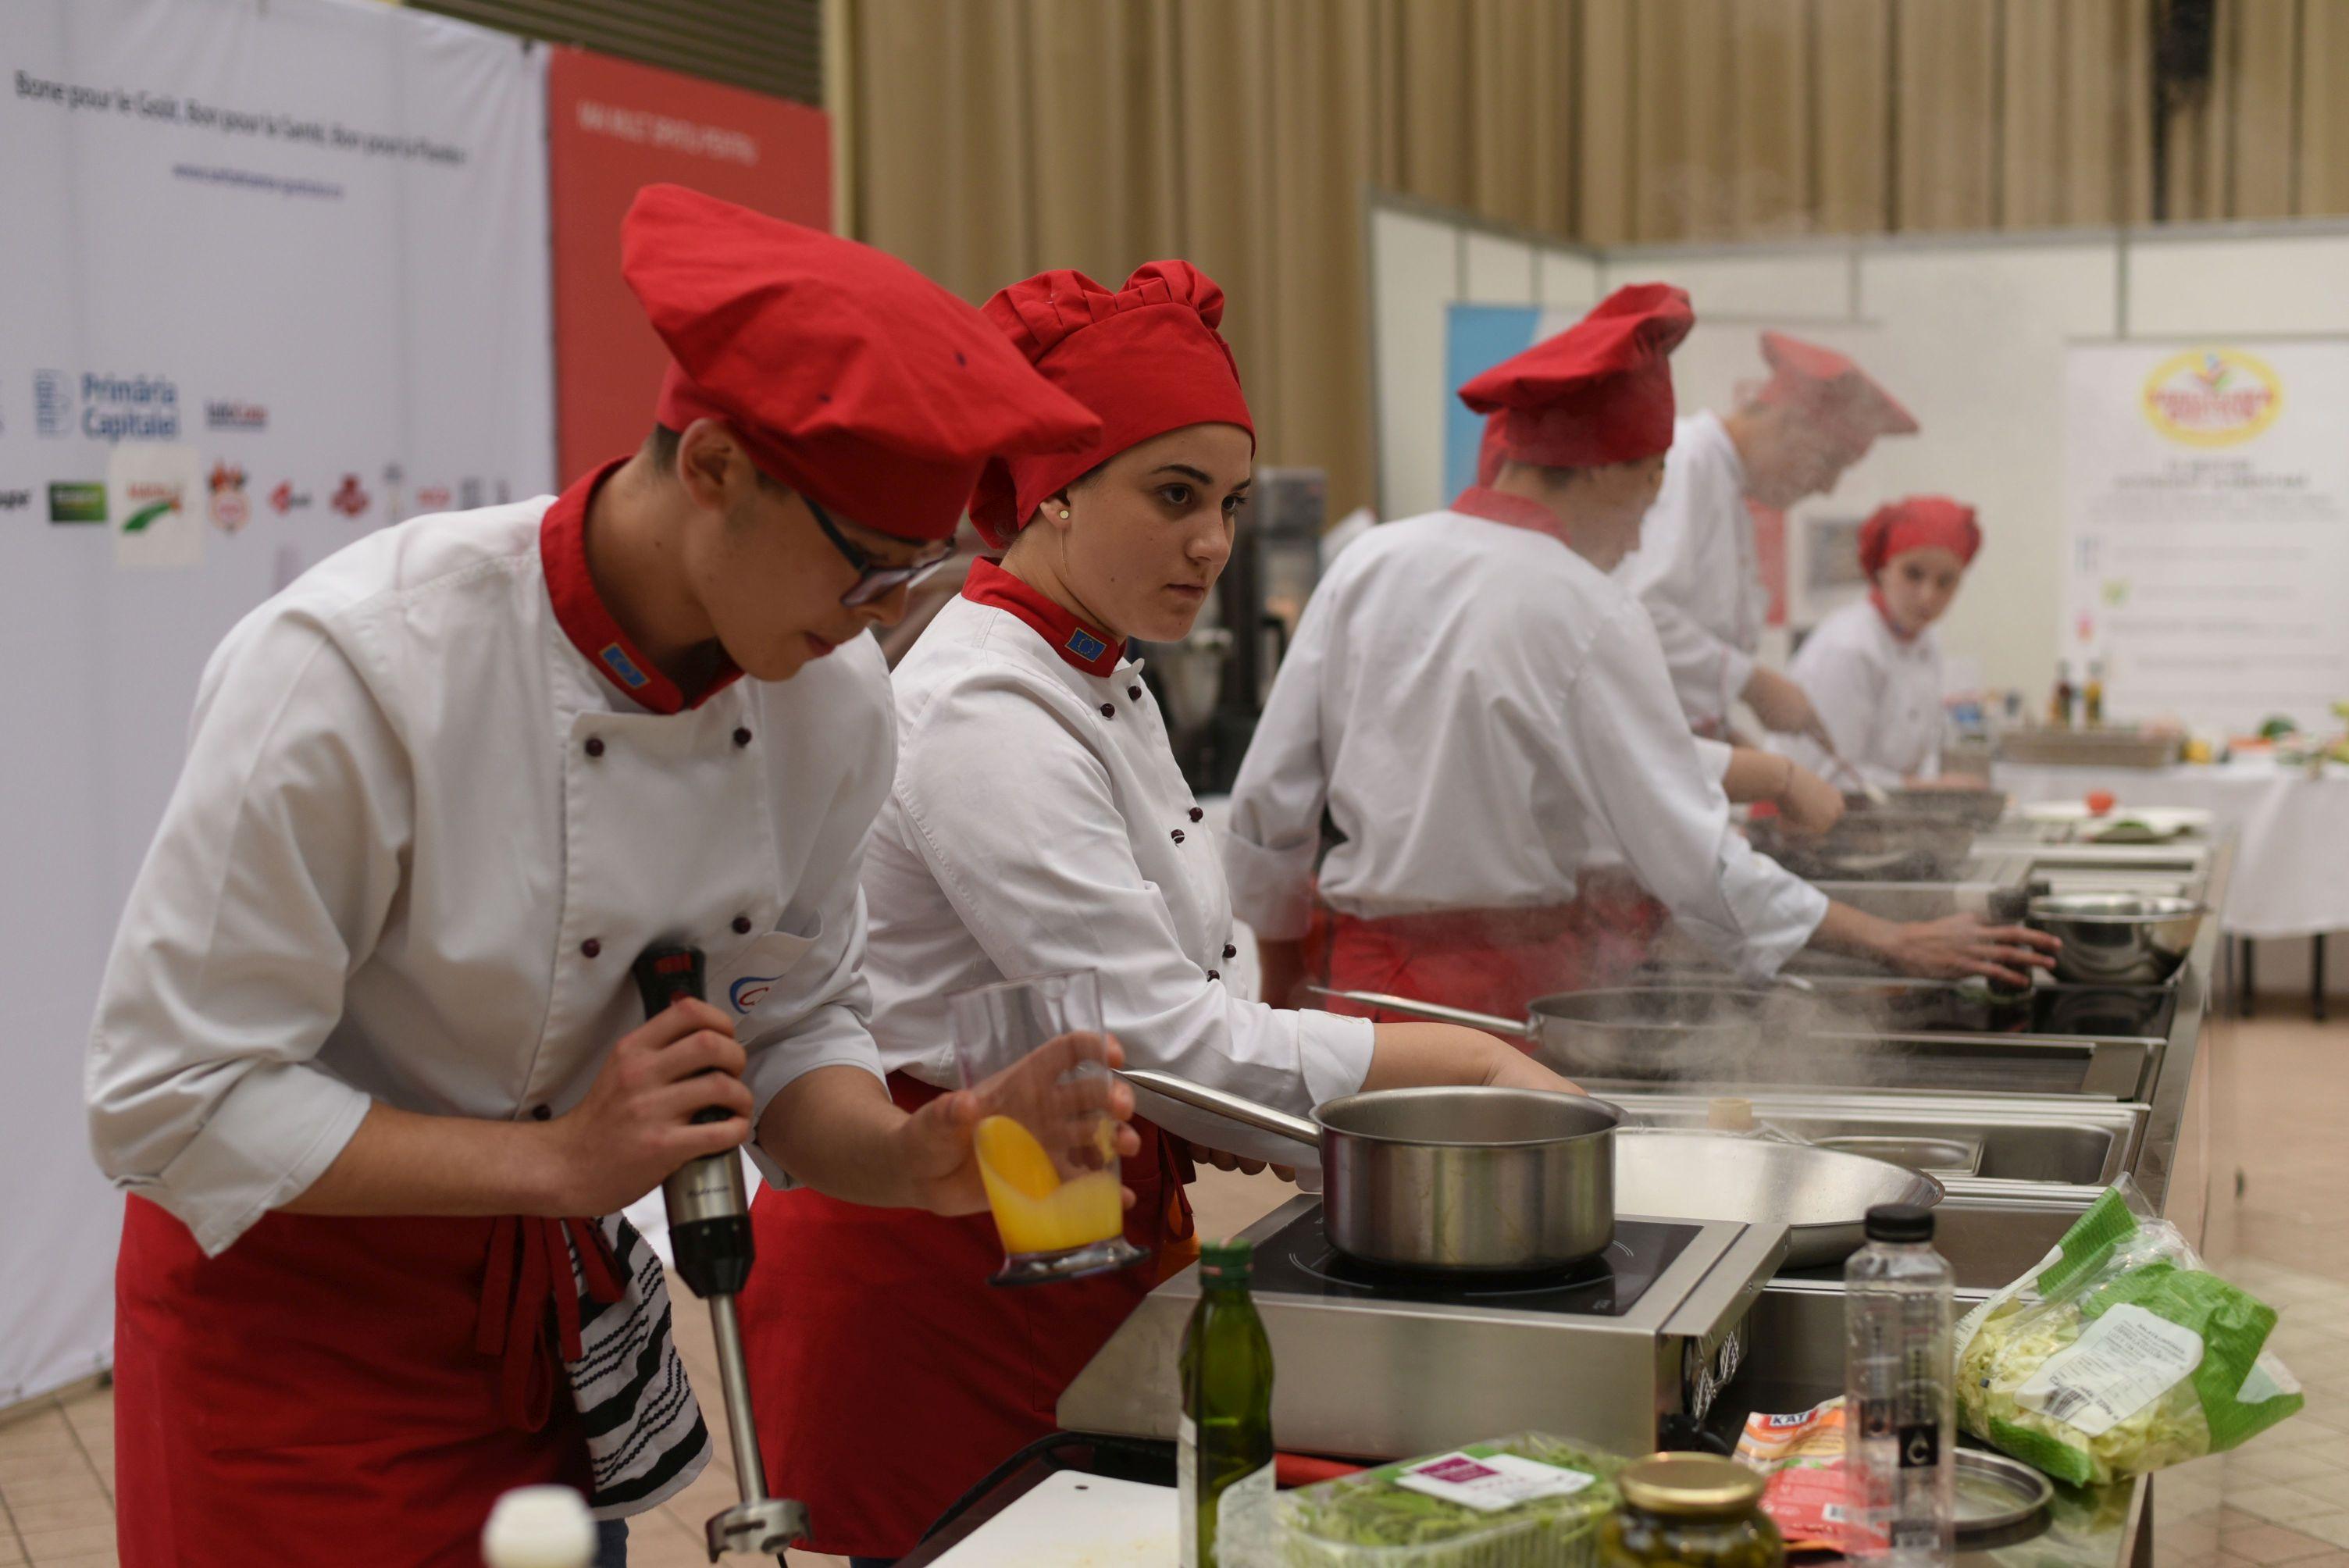 Sarbatoarea_Gustului_Salon_de_Gastronomie_116